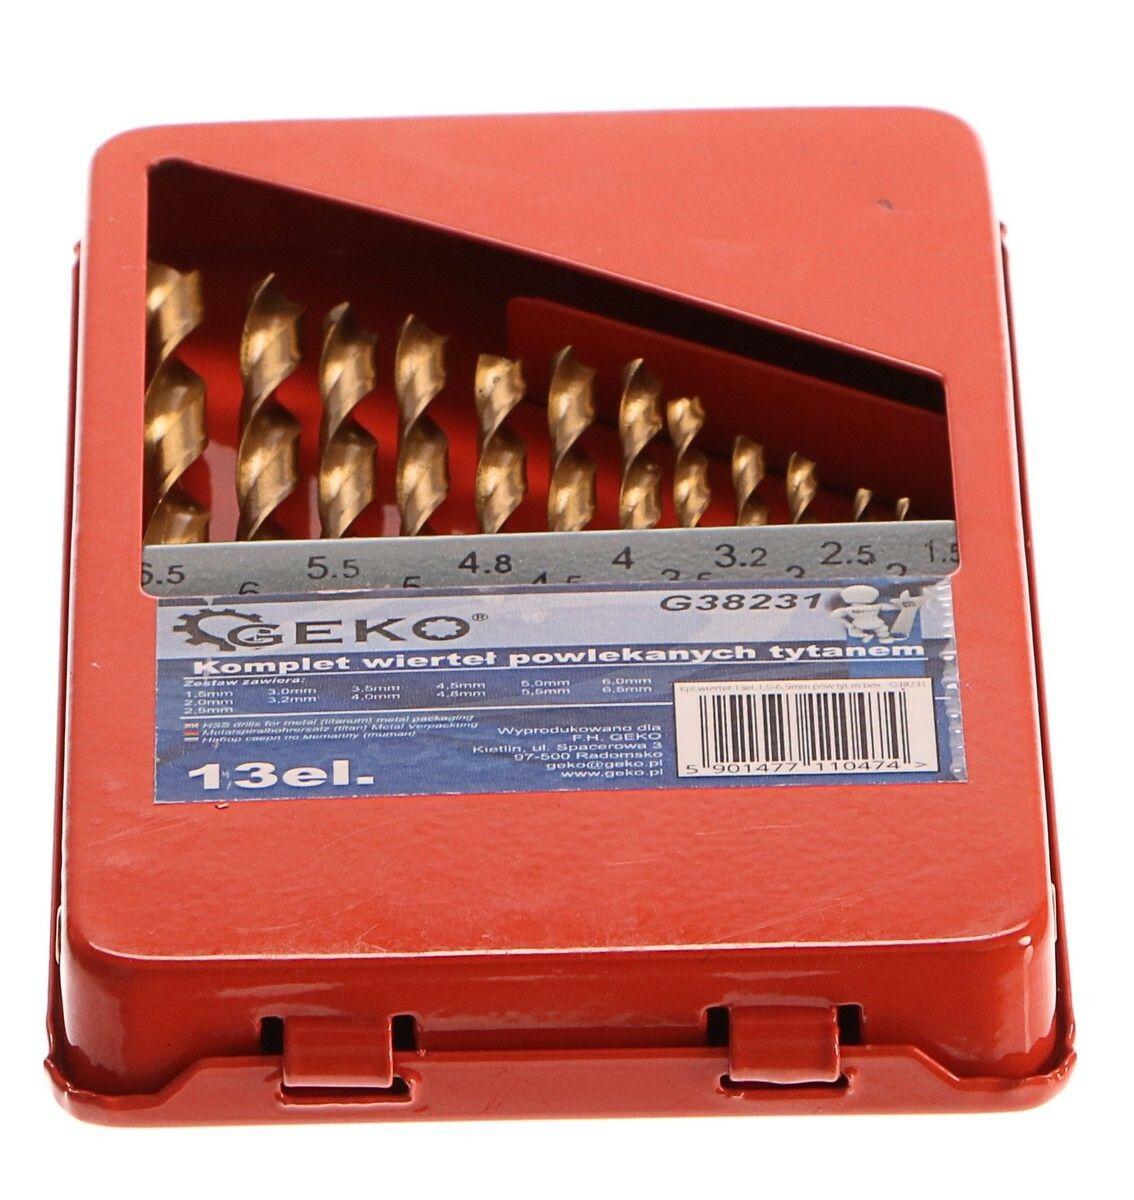 Vrtáky do kovu v krabičce, sada 13ks, 1,5-6,5mm, HSS, GEKO